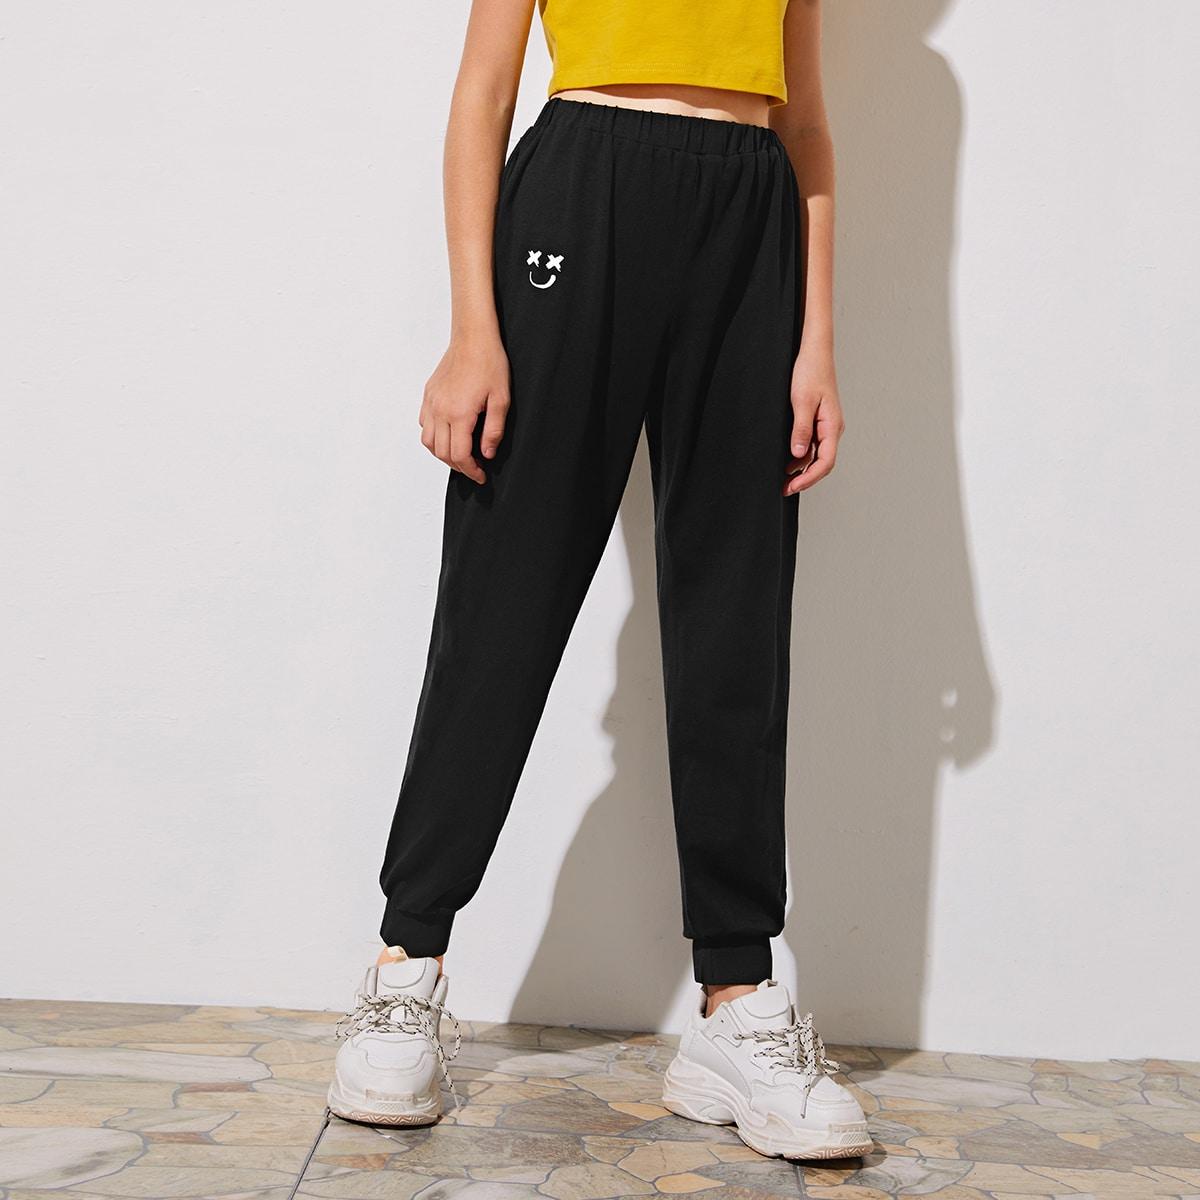 Спортивные брюки с мультяшным принтом для девочек от SHEIN